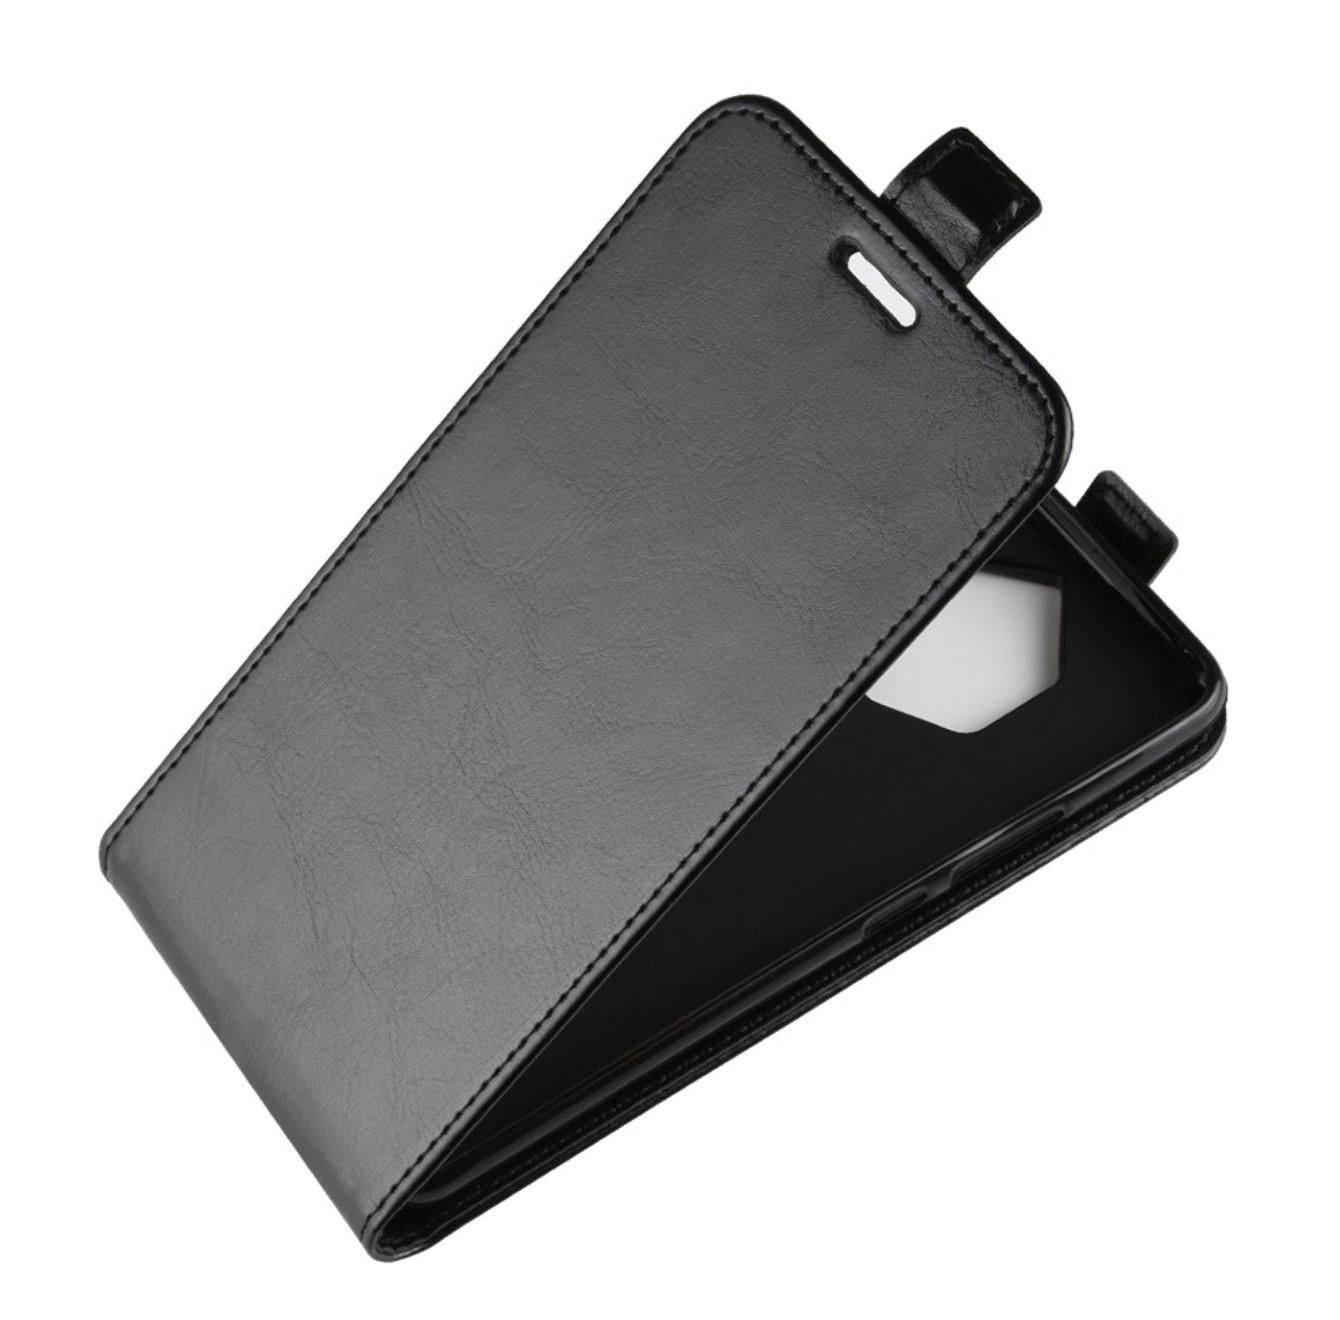 Чехол-флип MyPads для Zopo ZP999 LITE/ZP998 вертикальный откидной черный